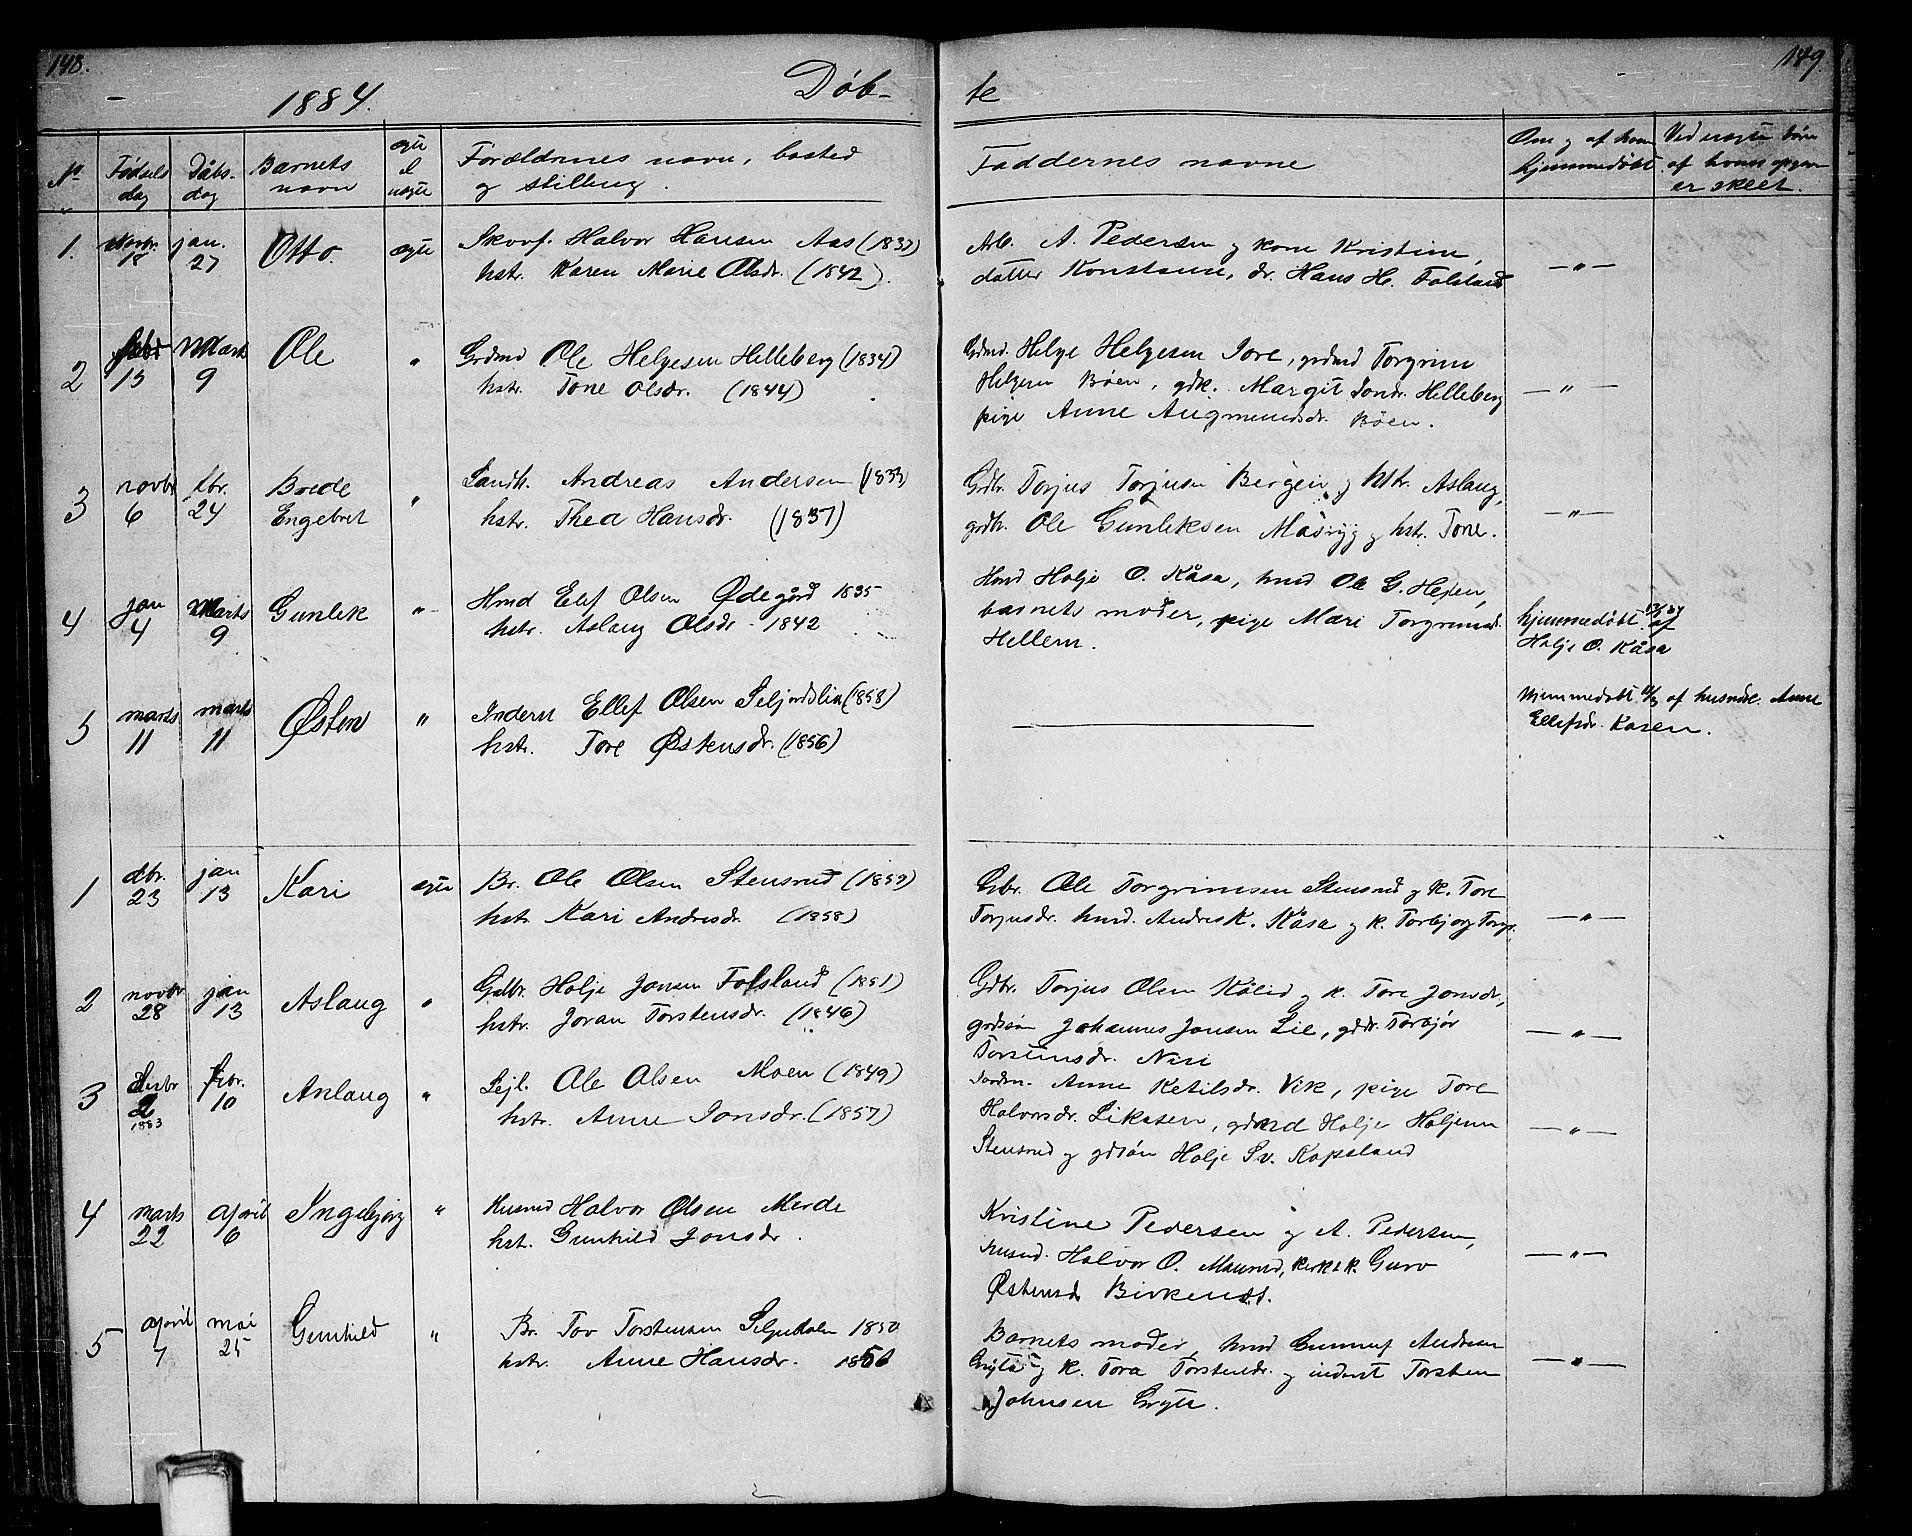 SAKO, Gransherad kirkebøker, G/Ga/L0002: Klokkerbok nr. I 2, 1854-1886, s. 148-149